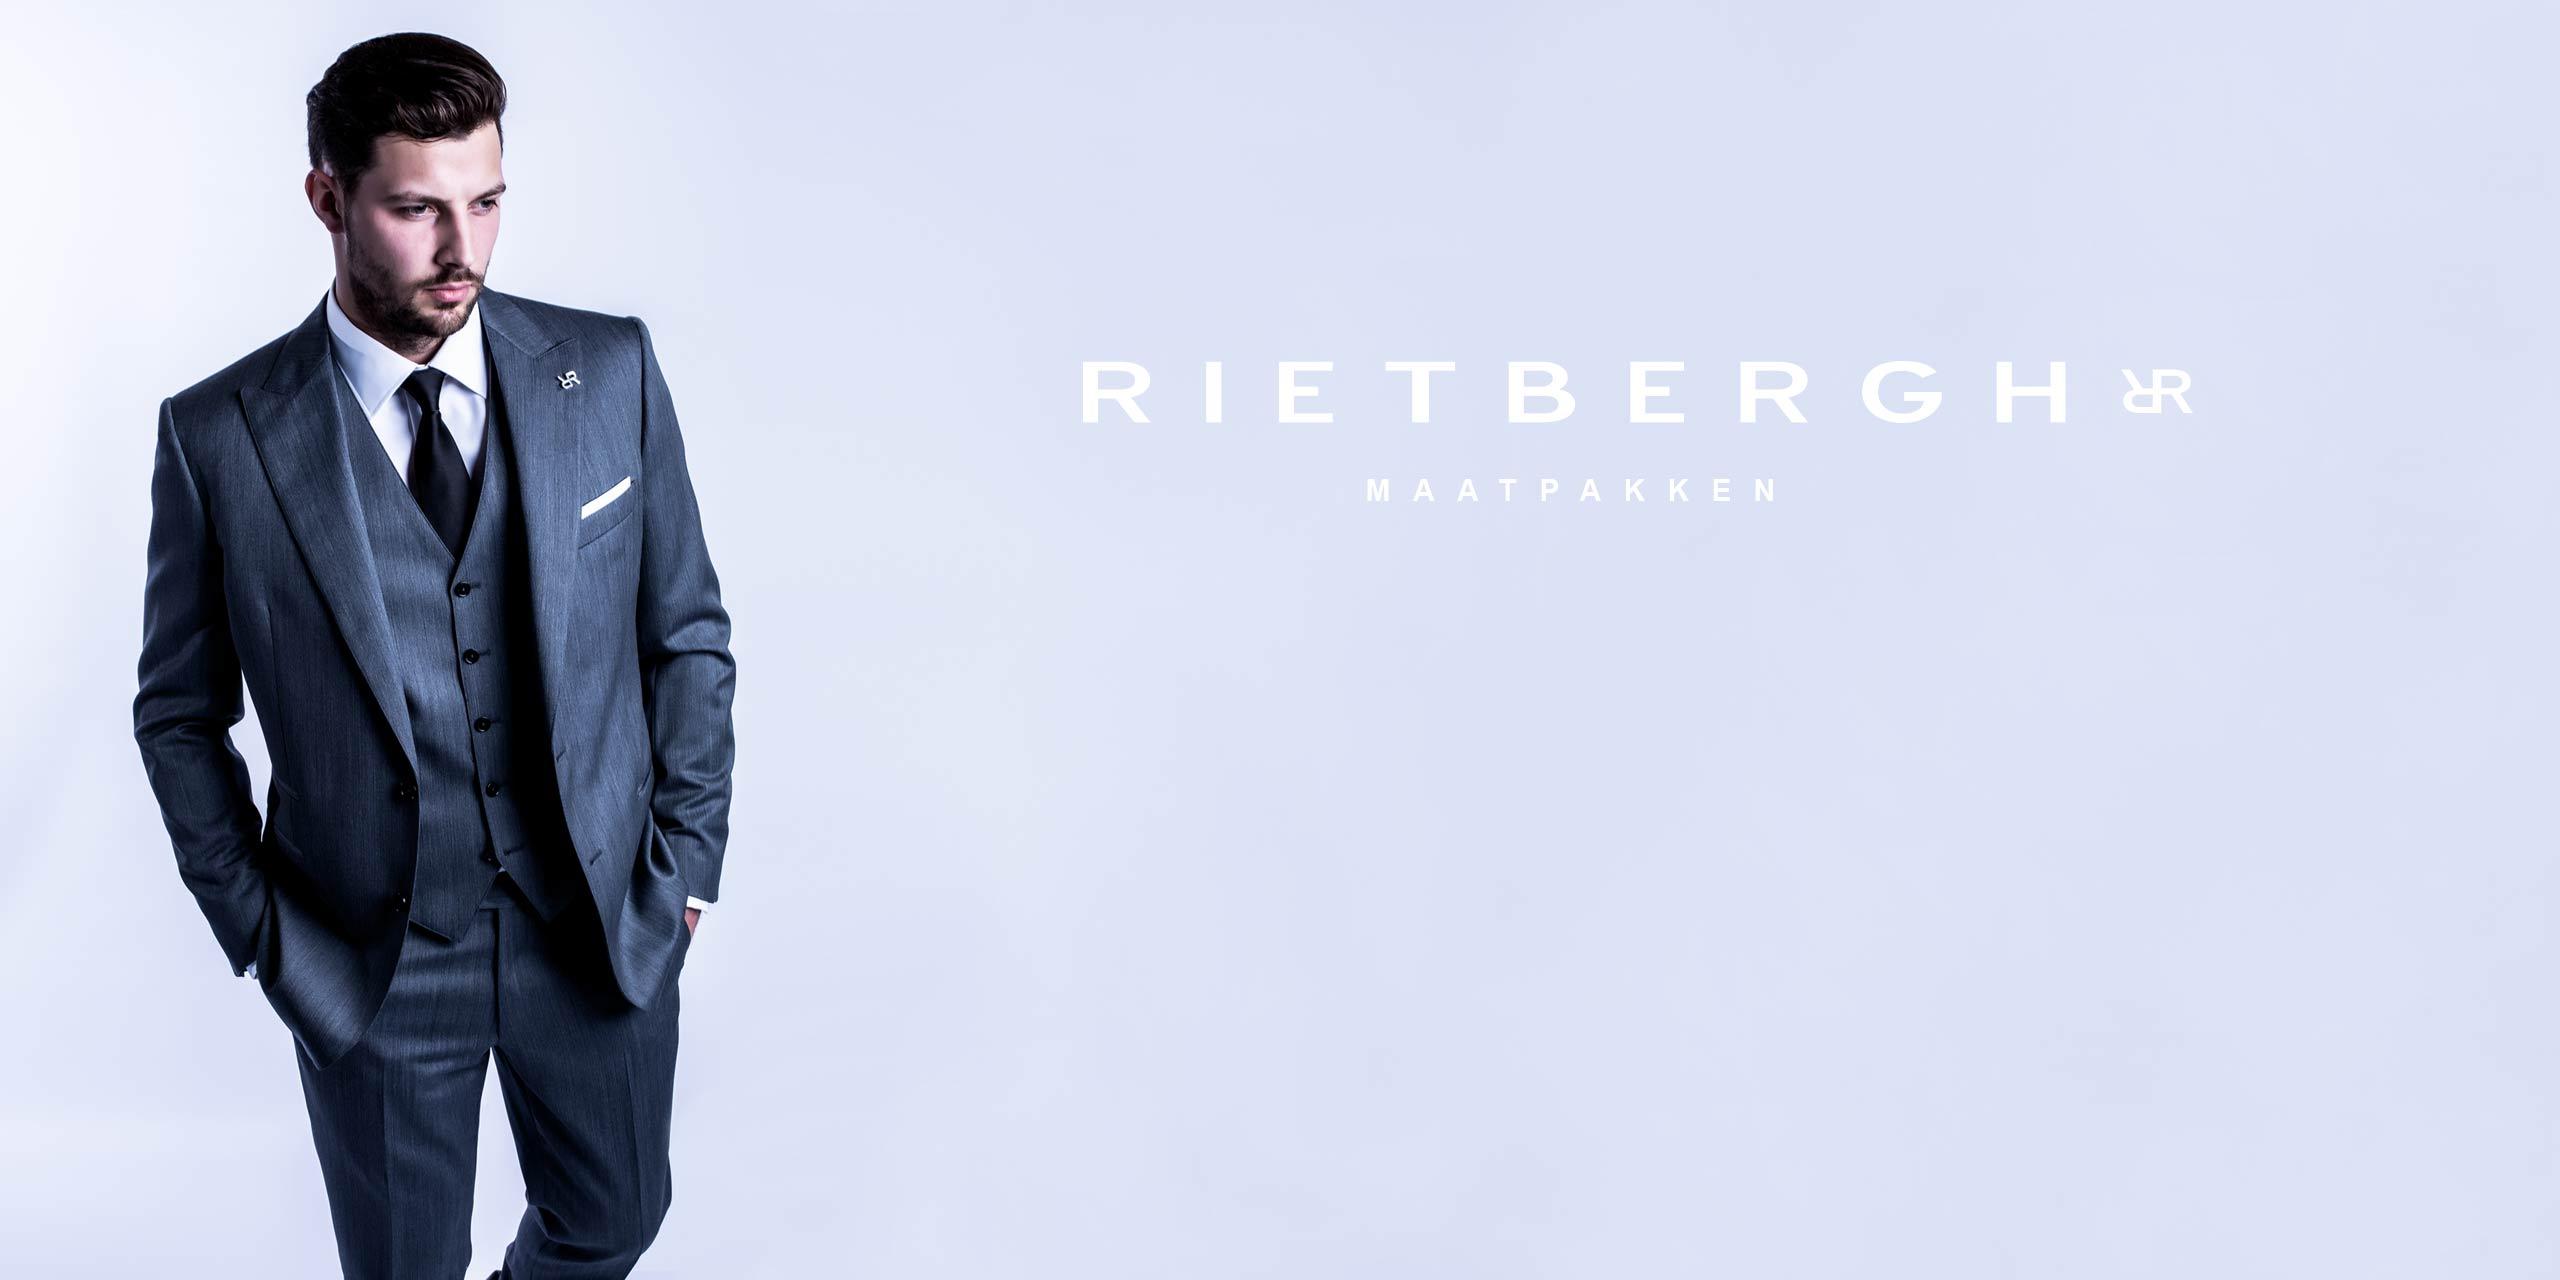 Rietbergh